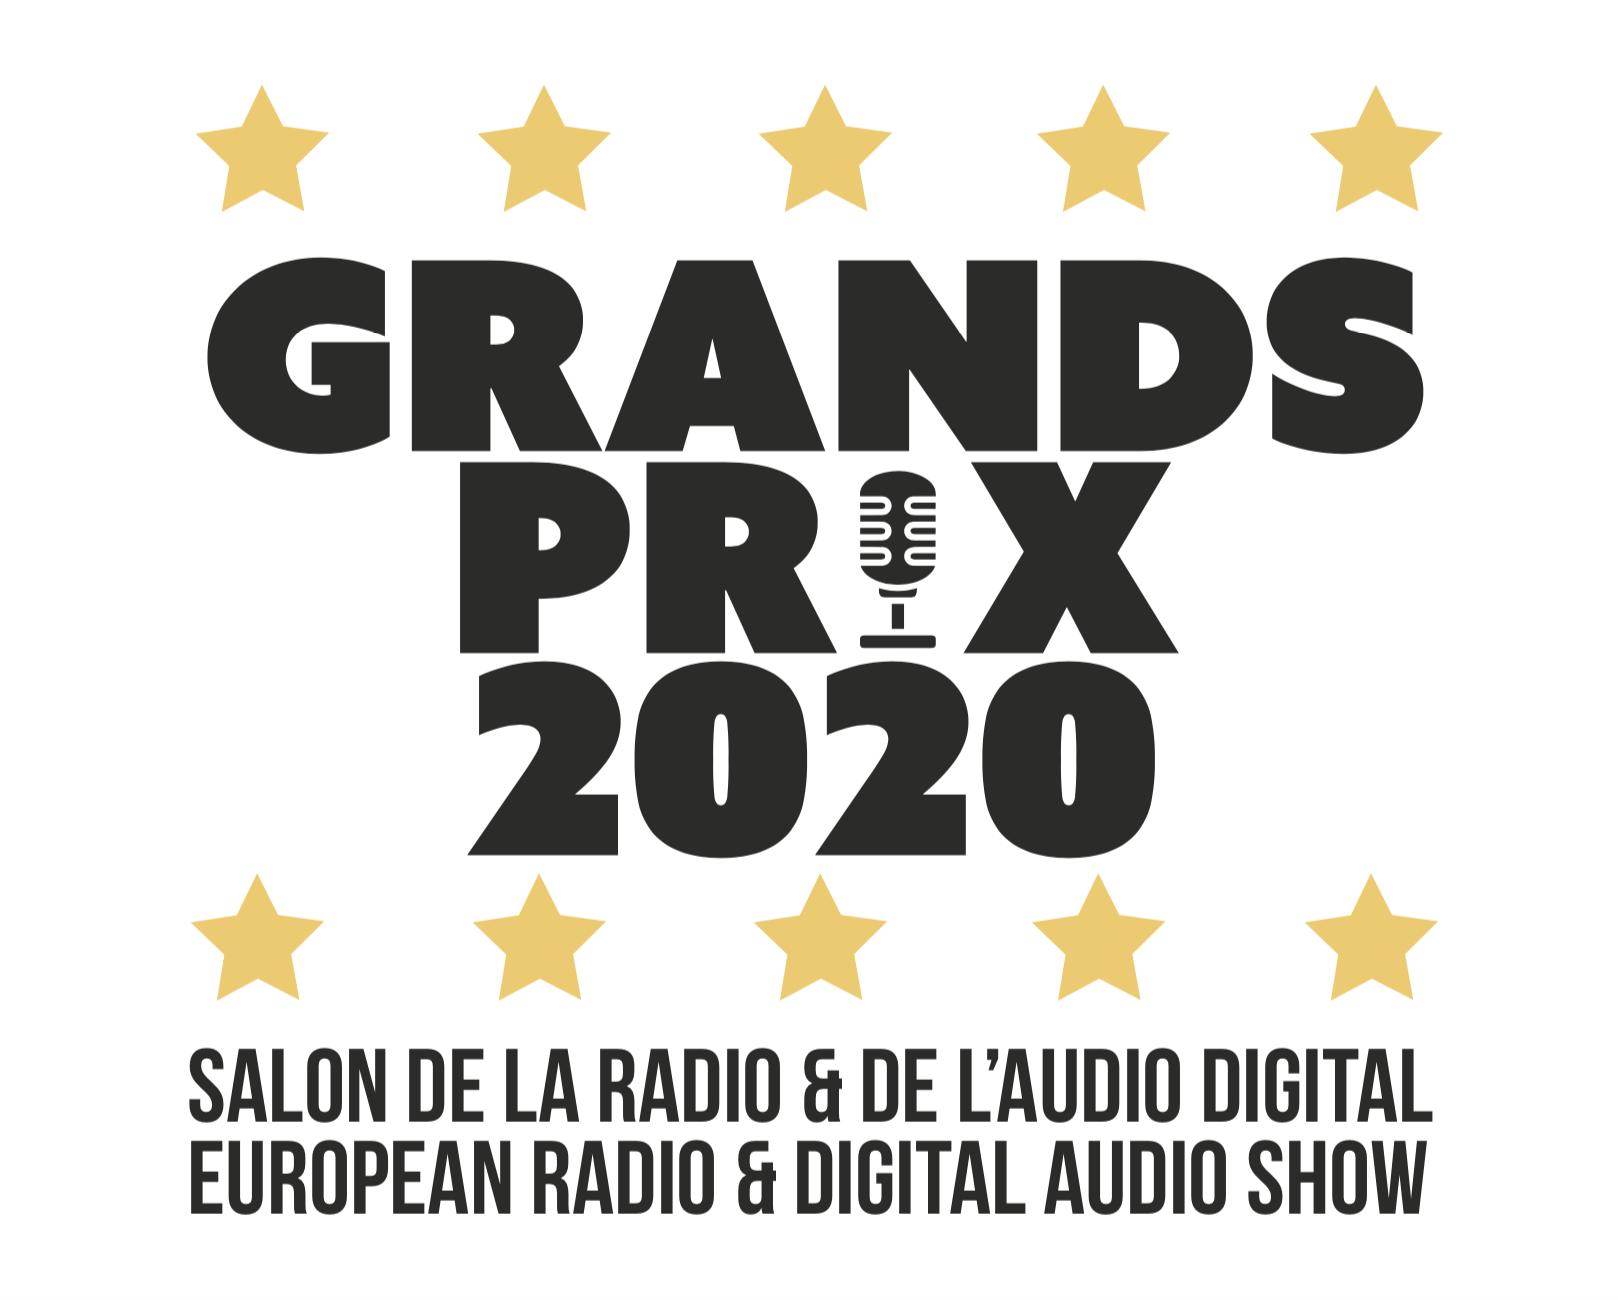 Inscrivez-vous aux Grands Prix Radio 2020